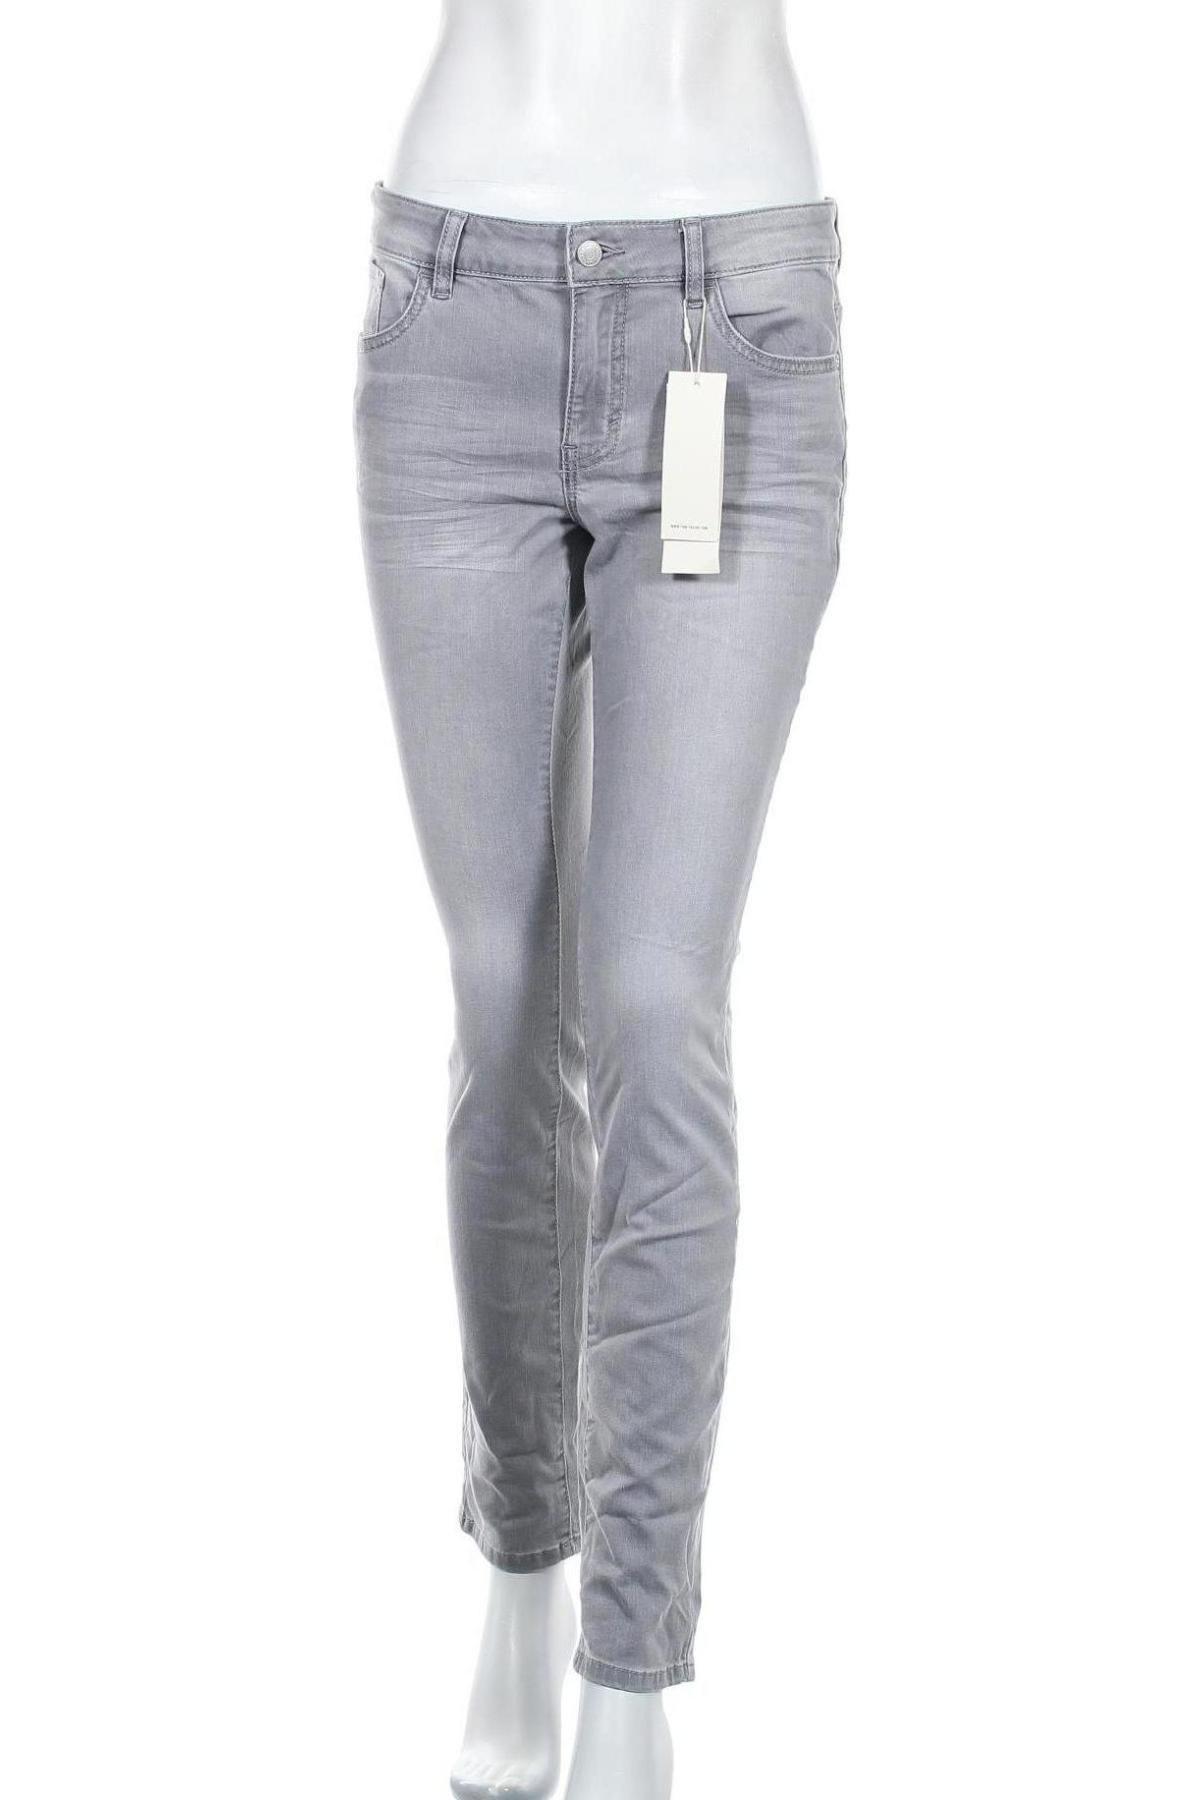 Дамски дънки Tom Tailor, Размер L, Цвят Сив, 69% памук, 20% полиестер, 9% вискоза, 2% еластан, Цена 33,82лв.